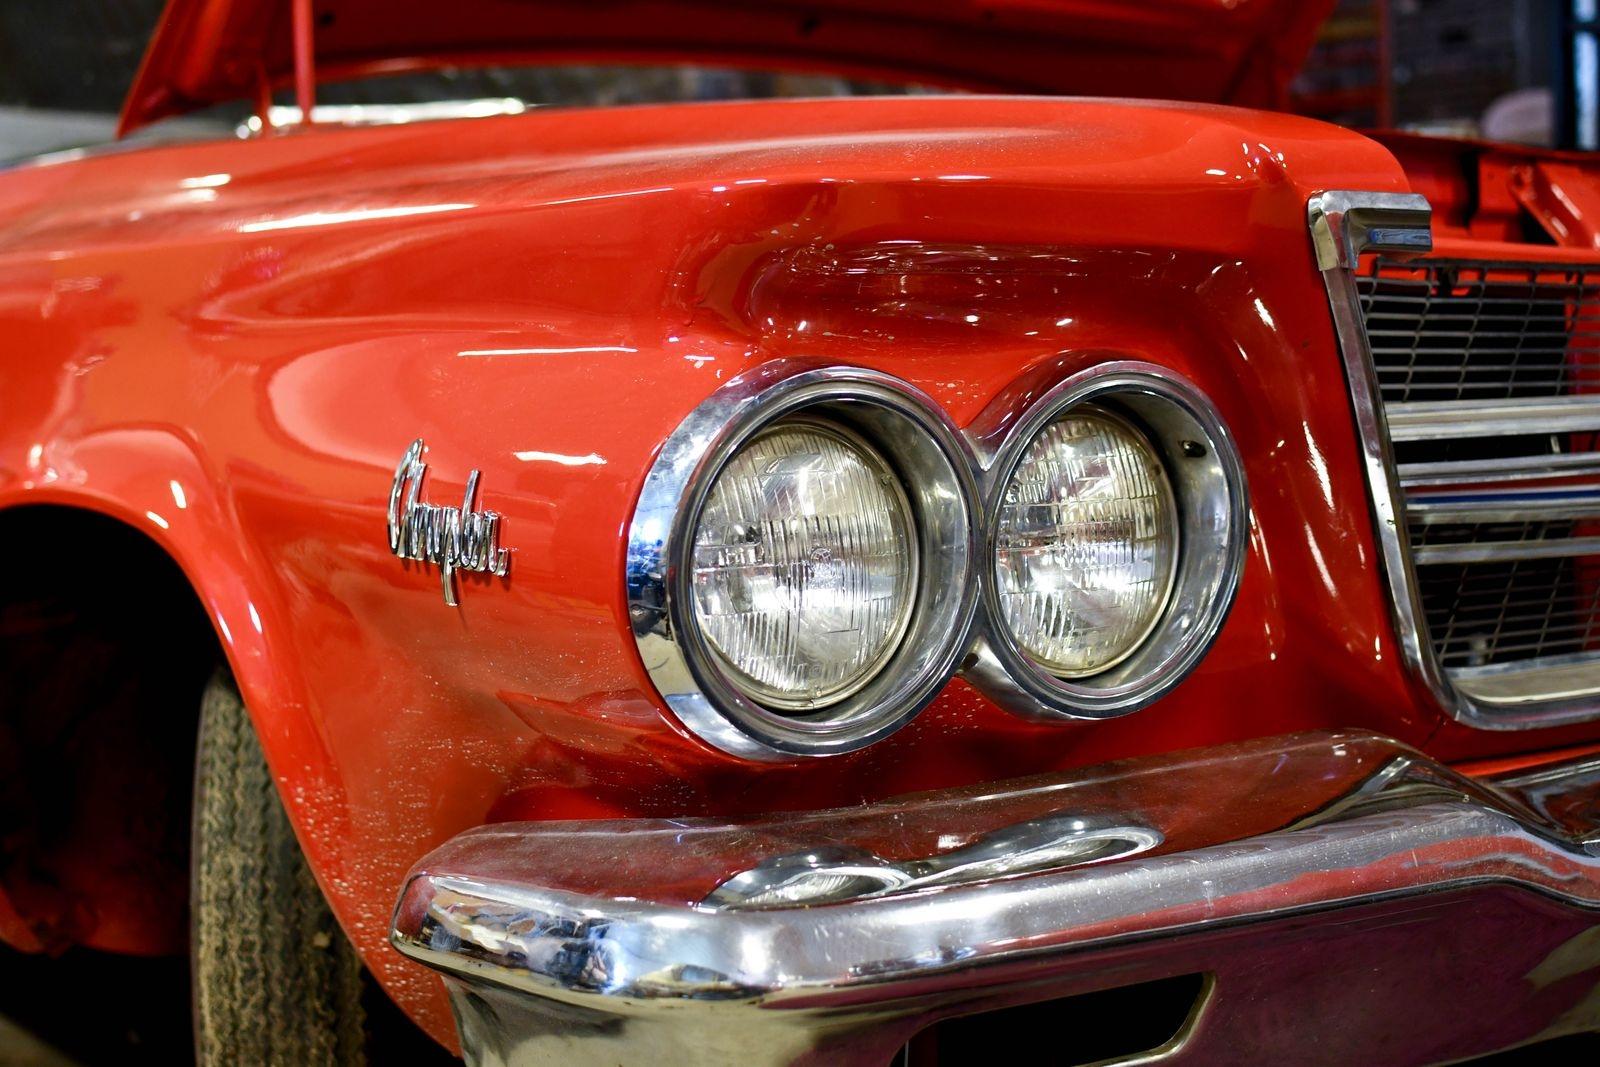 Efter lack och Kajs omvårdnad är Chryslern årsmodell -64 redo att rulla ut på vägarna igen till sommaren.